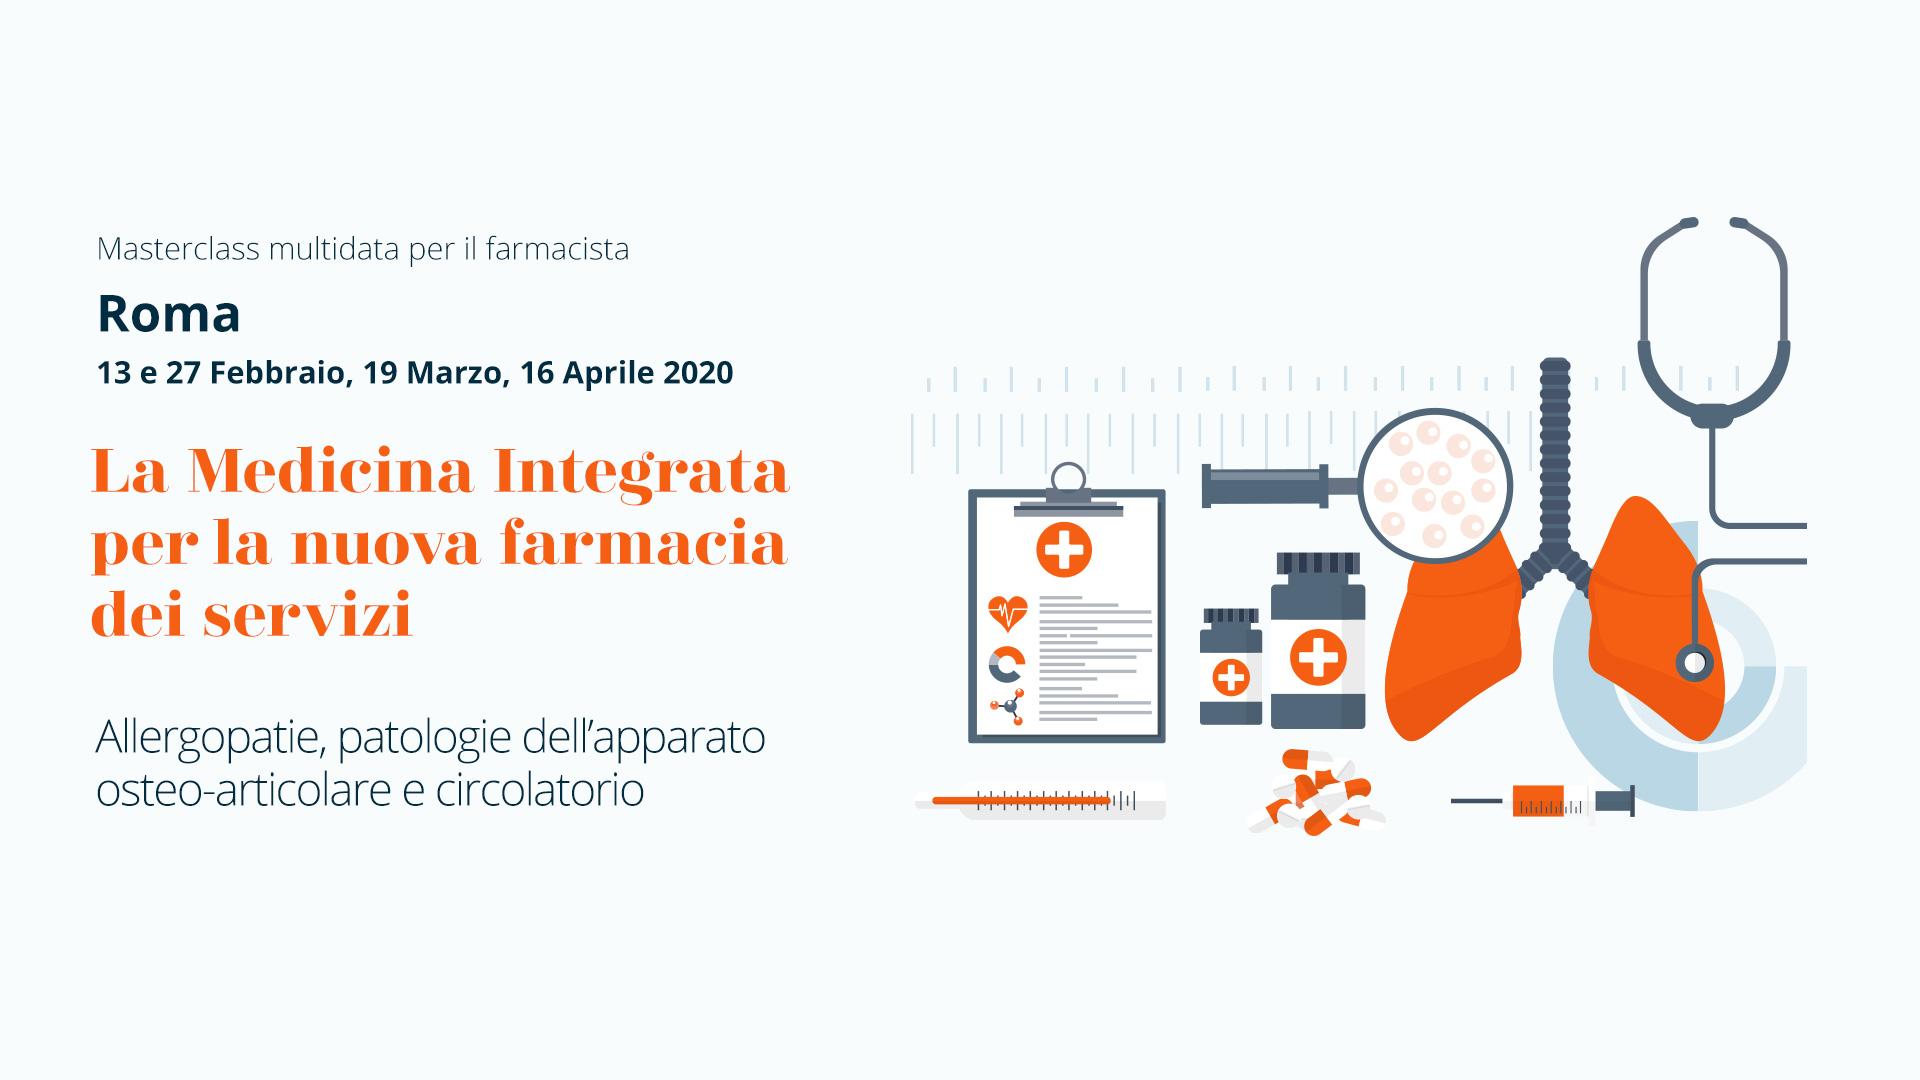 Roma, Masterclass Multidata per Farmacisti: La Medicina Integrata per la nuova farmacia dei servizi